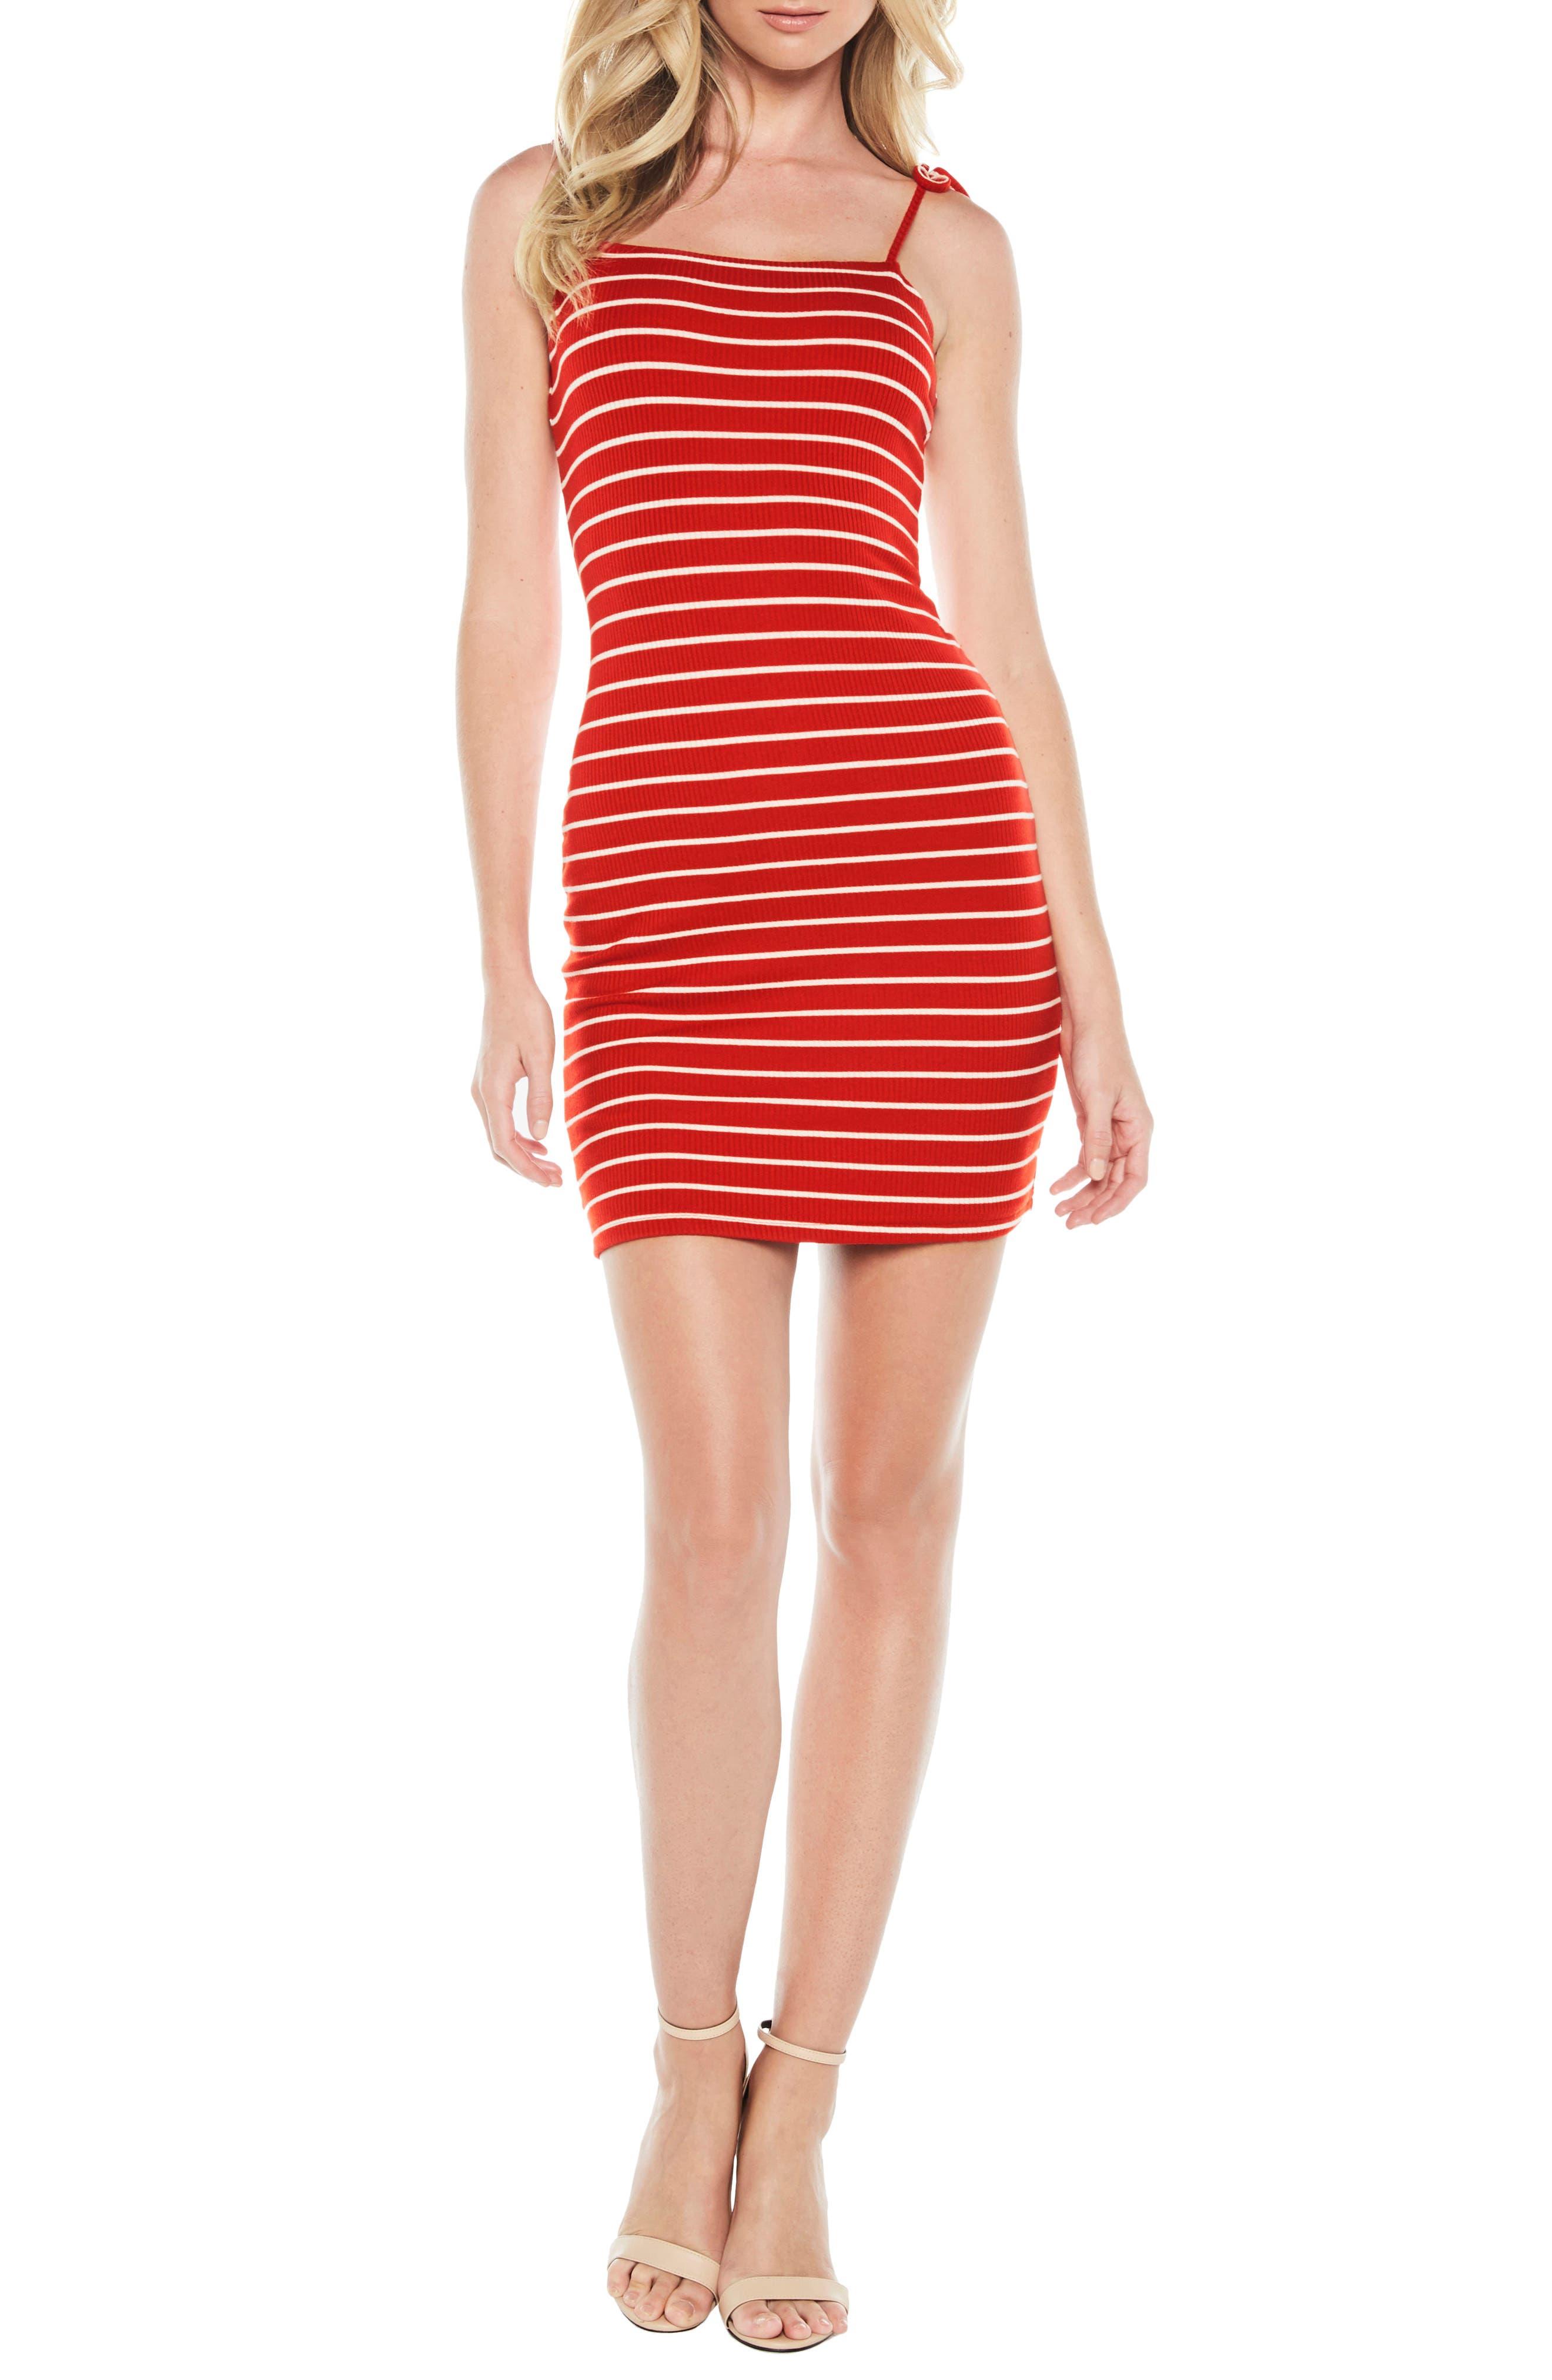 BARDOT Romy Tie Strap Tube Dress, Main, color, 648